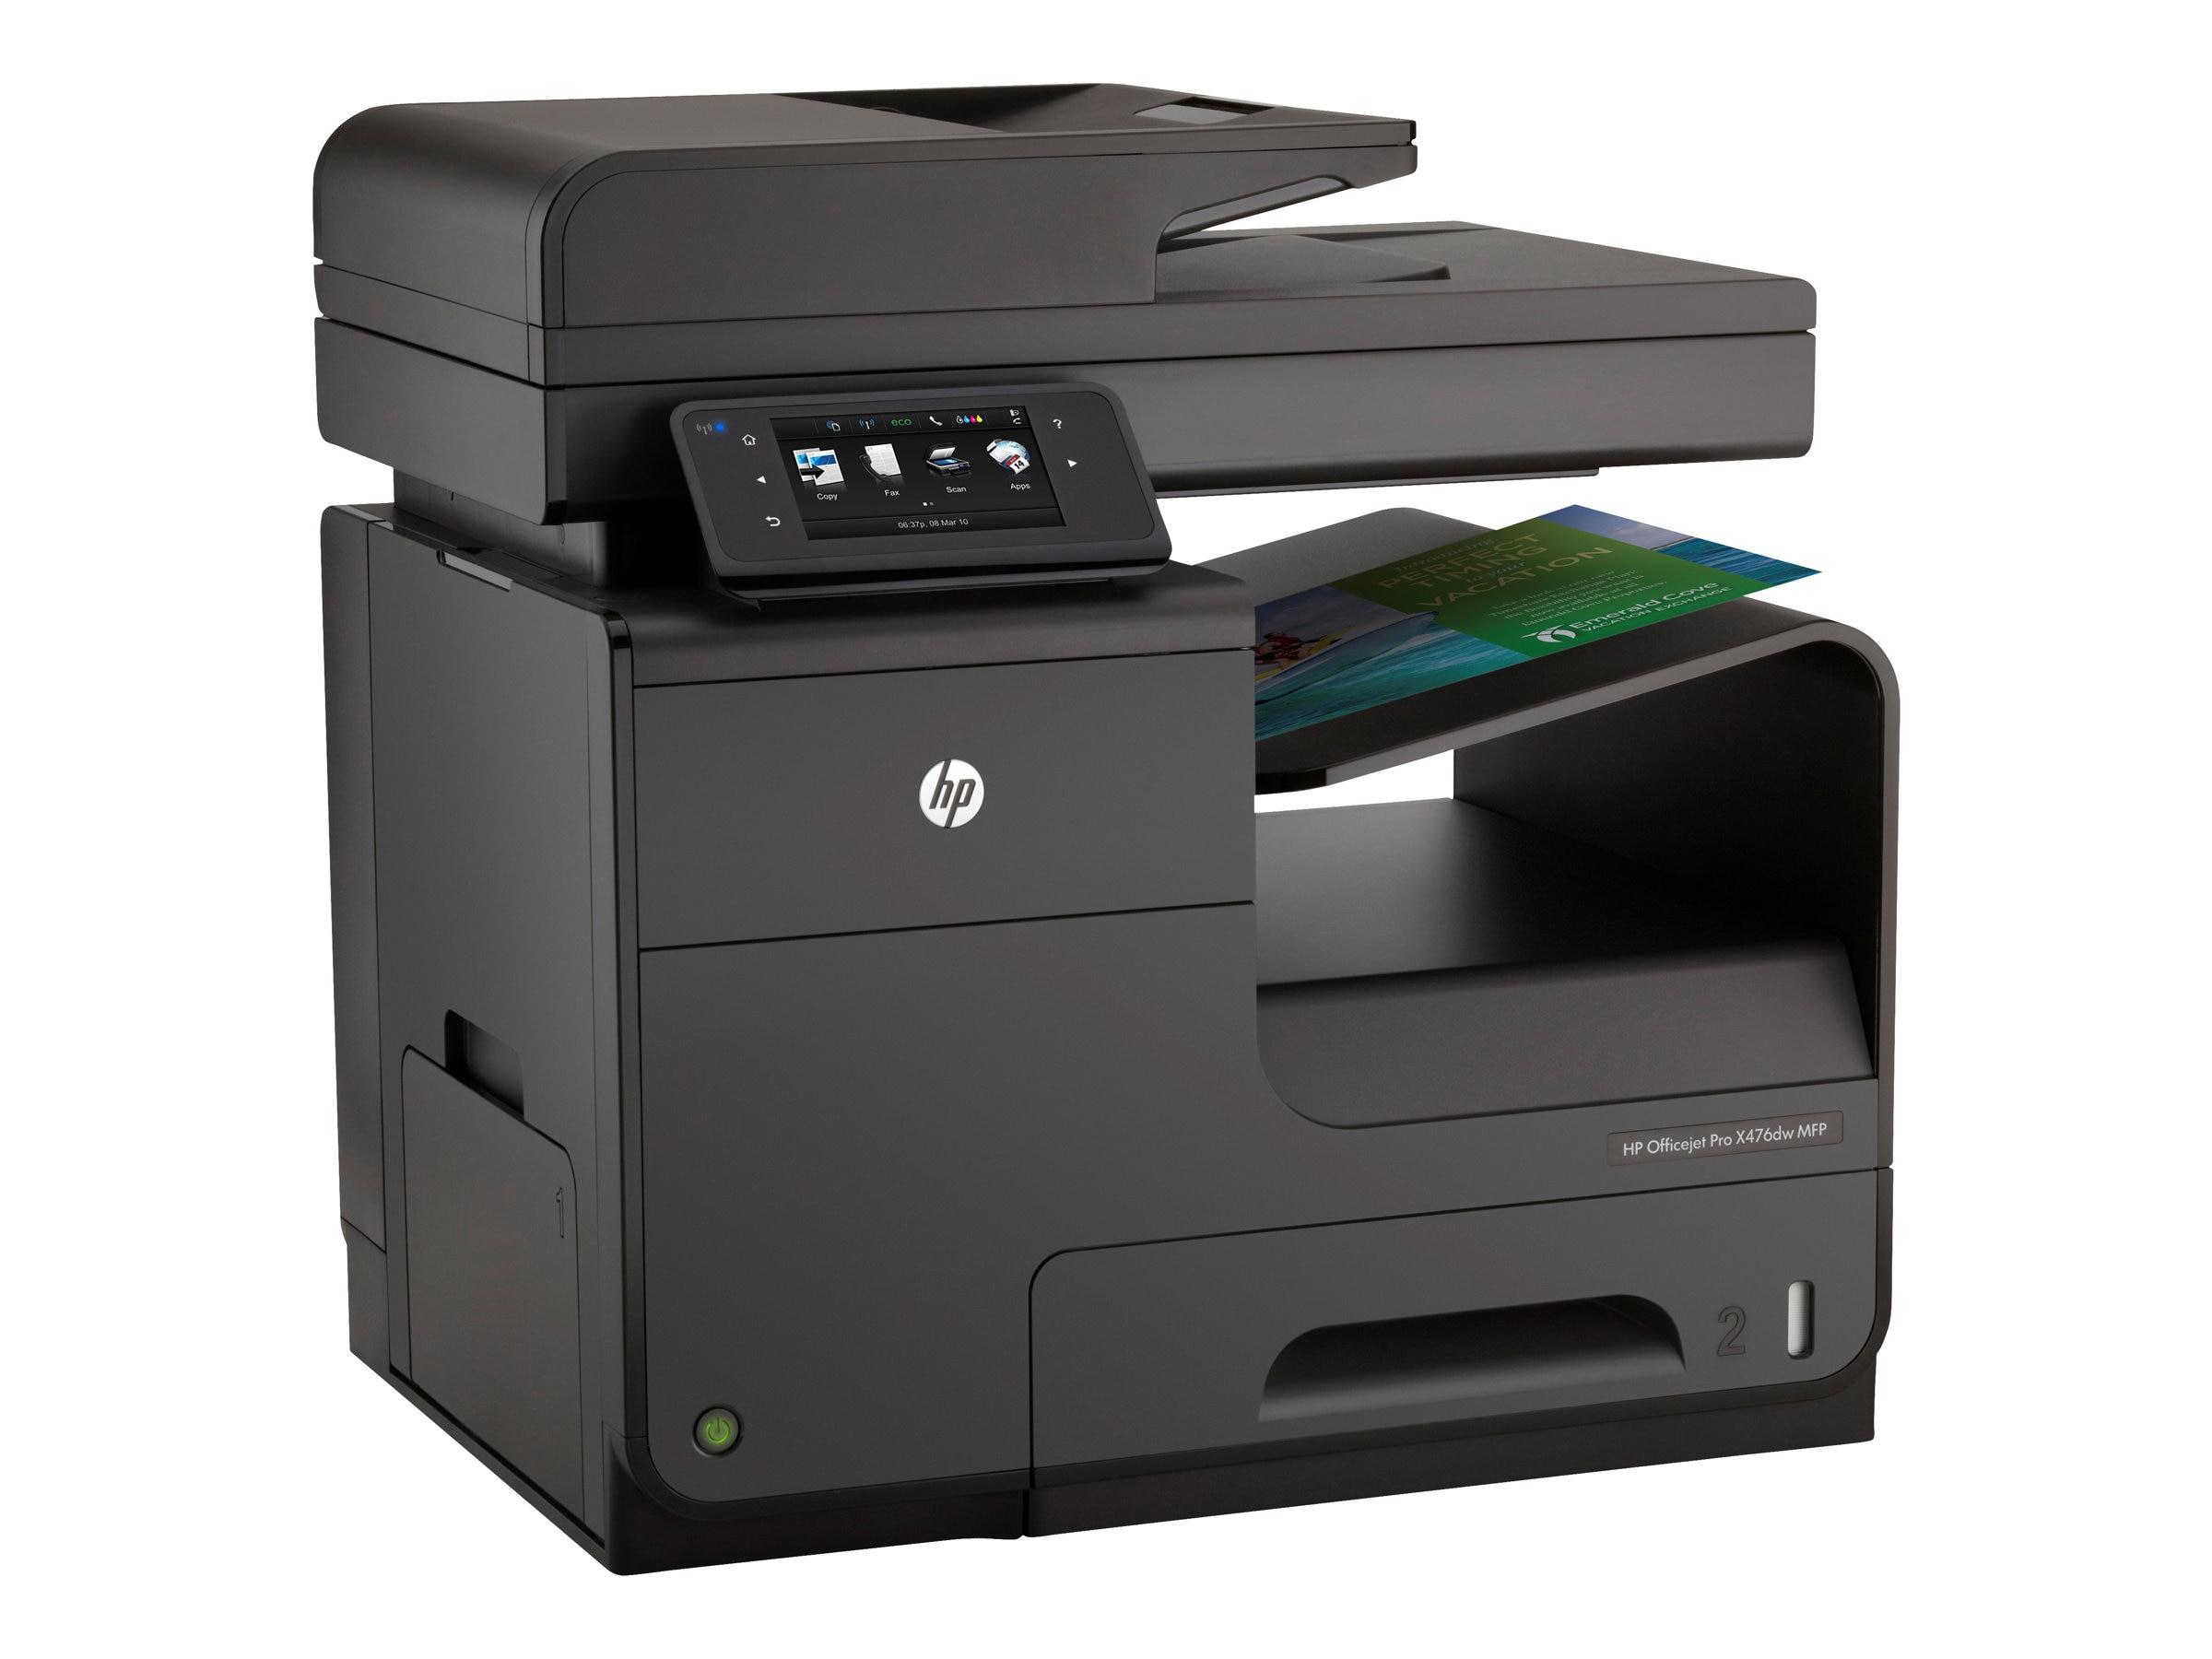 HP Inc. CN461A#B1H Image 7